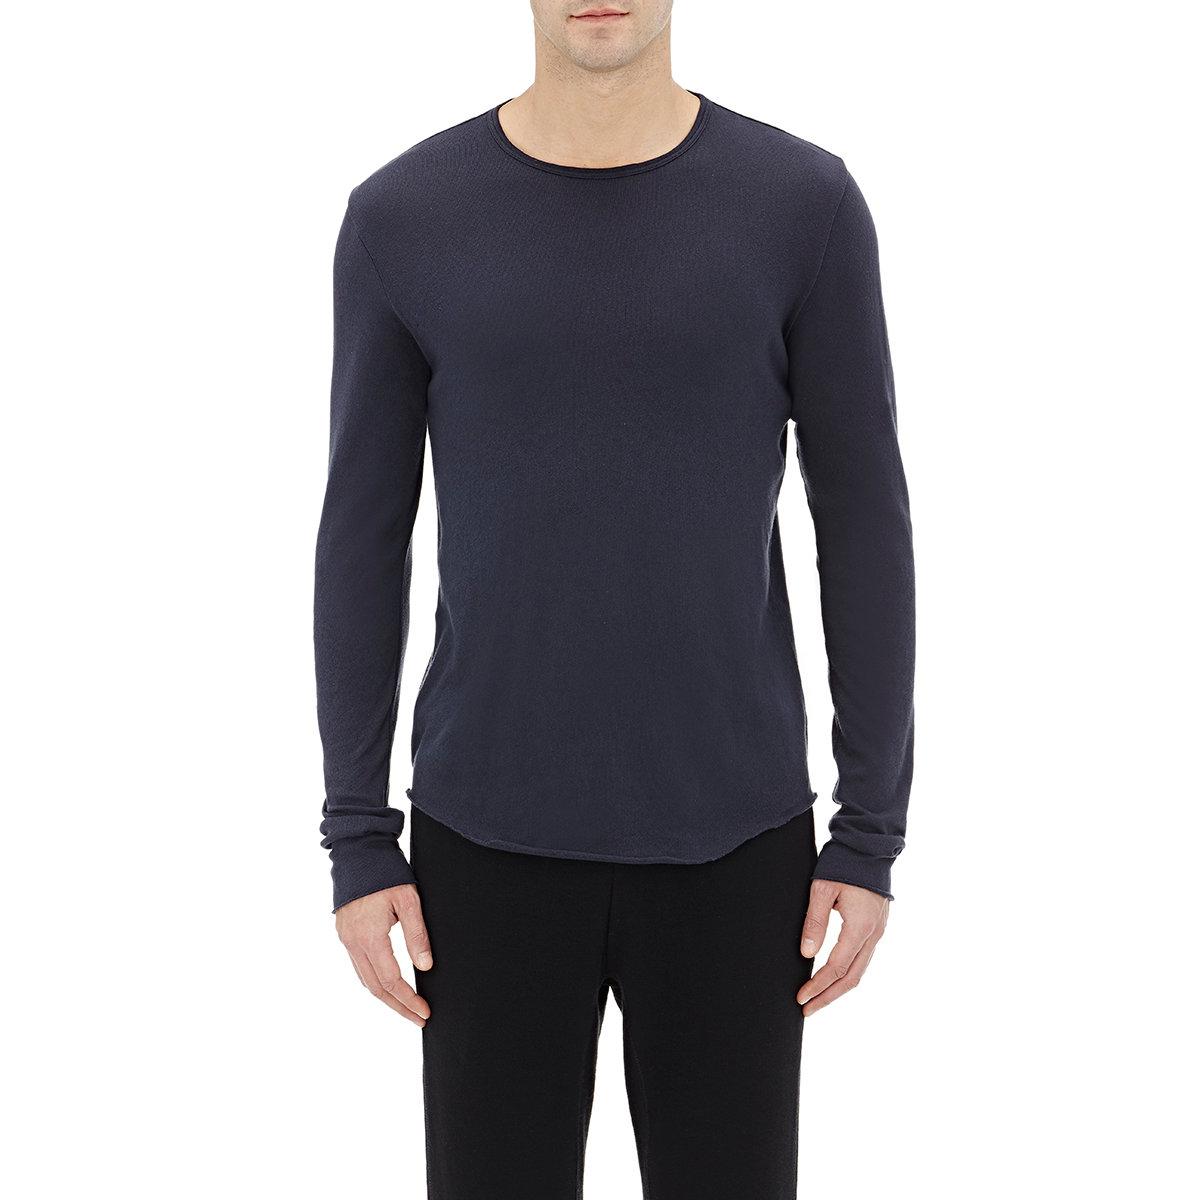 Lyst rag bone men 39 s marsdon long sleeve t shirt in for Rag bone shirt